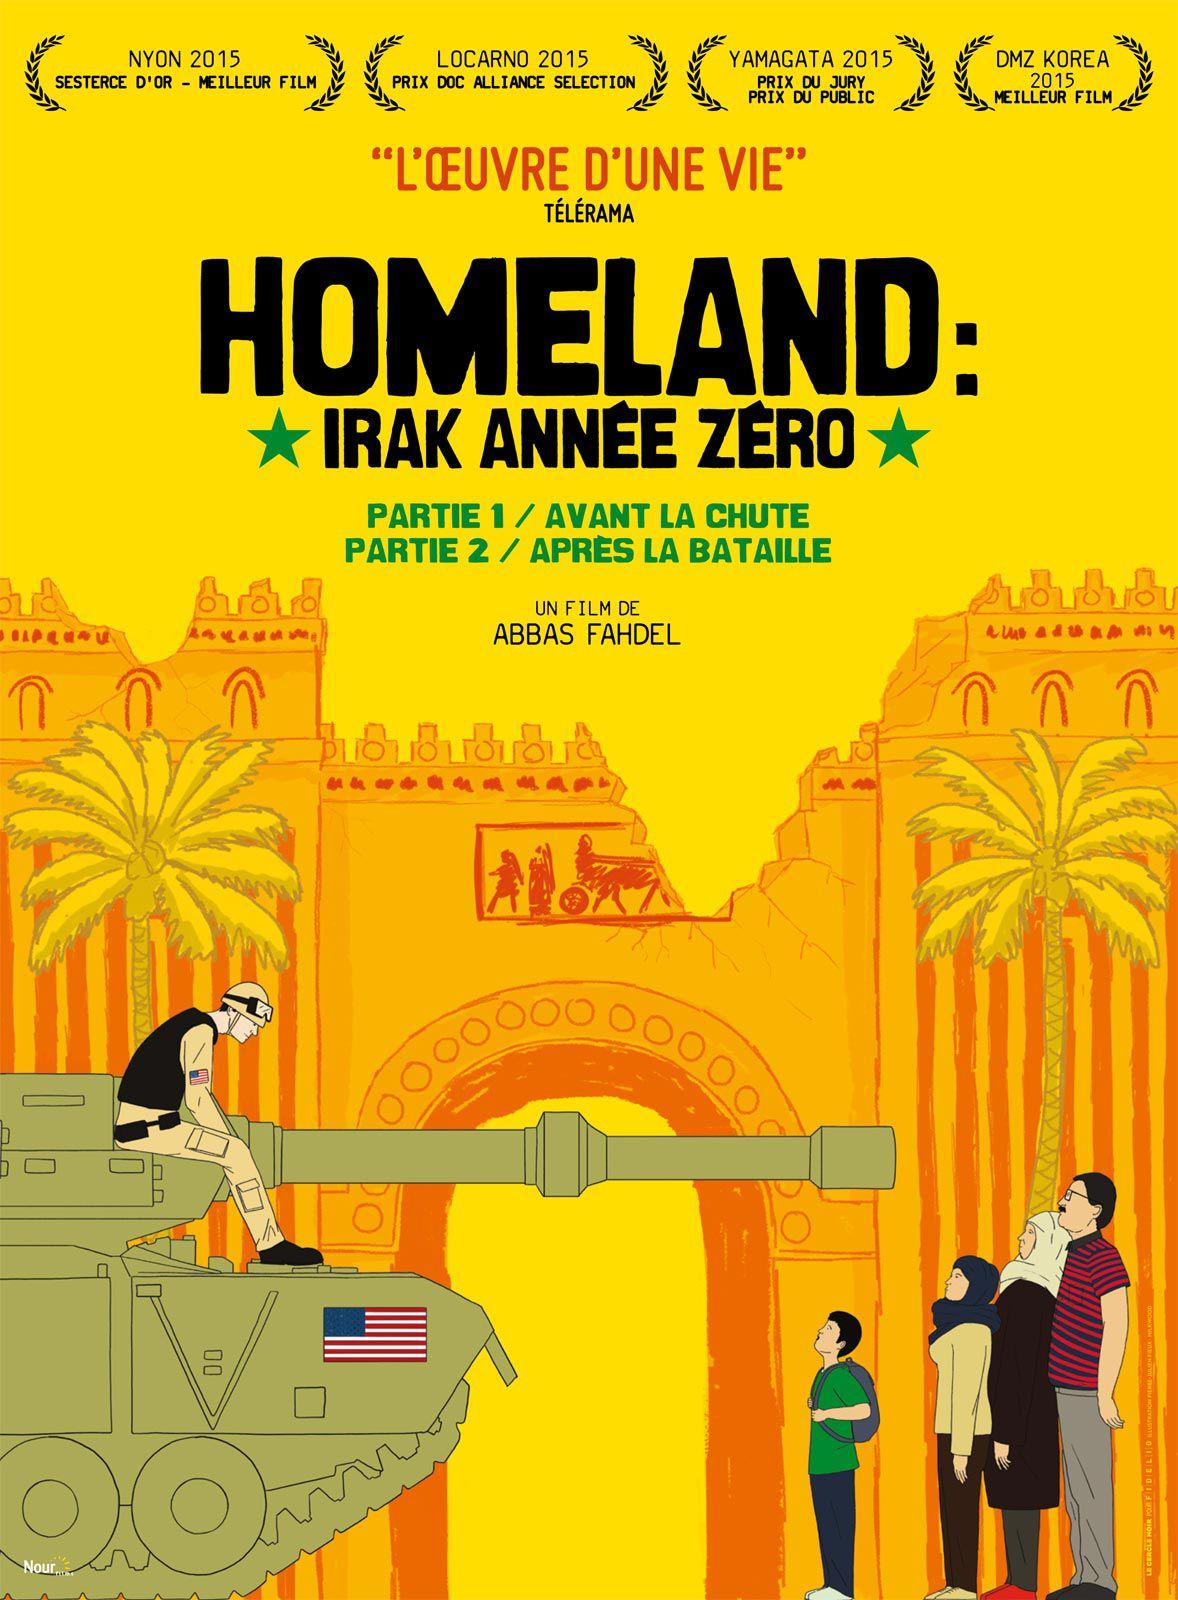 Homeland, Irak année zéro : Partie 2 - Après la bataille - Documentaire (2016)